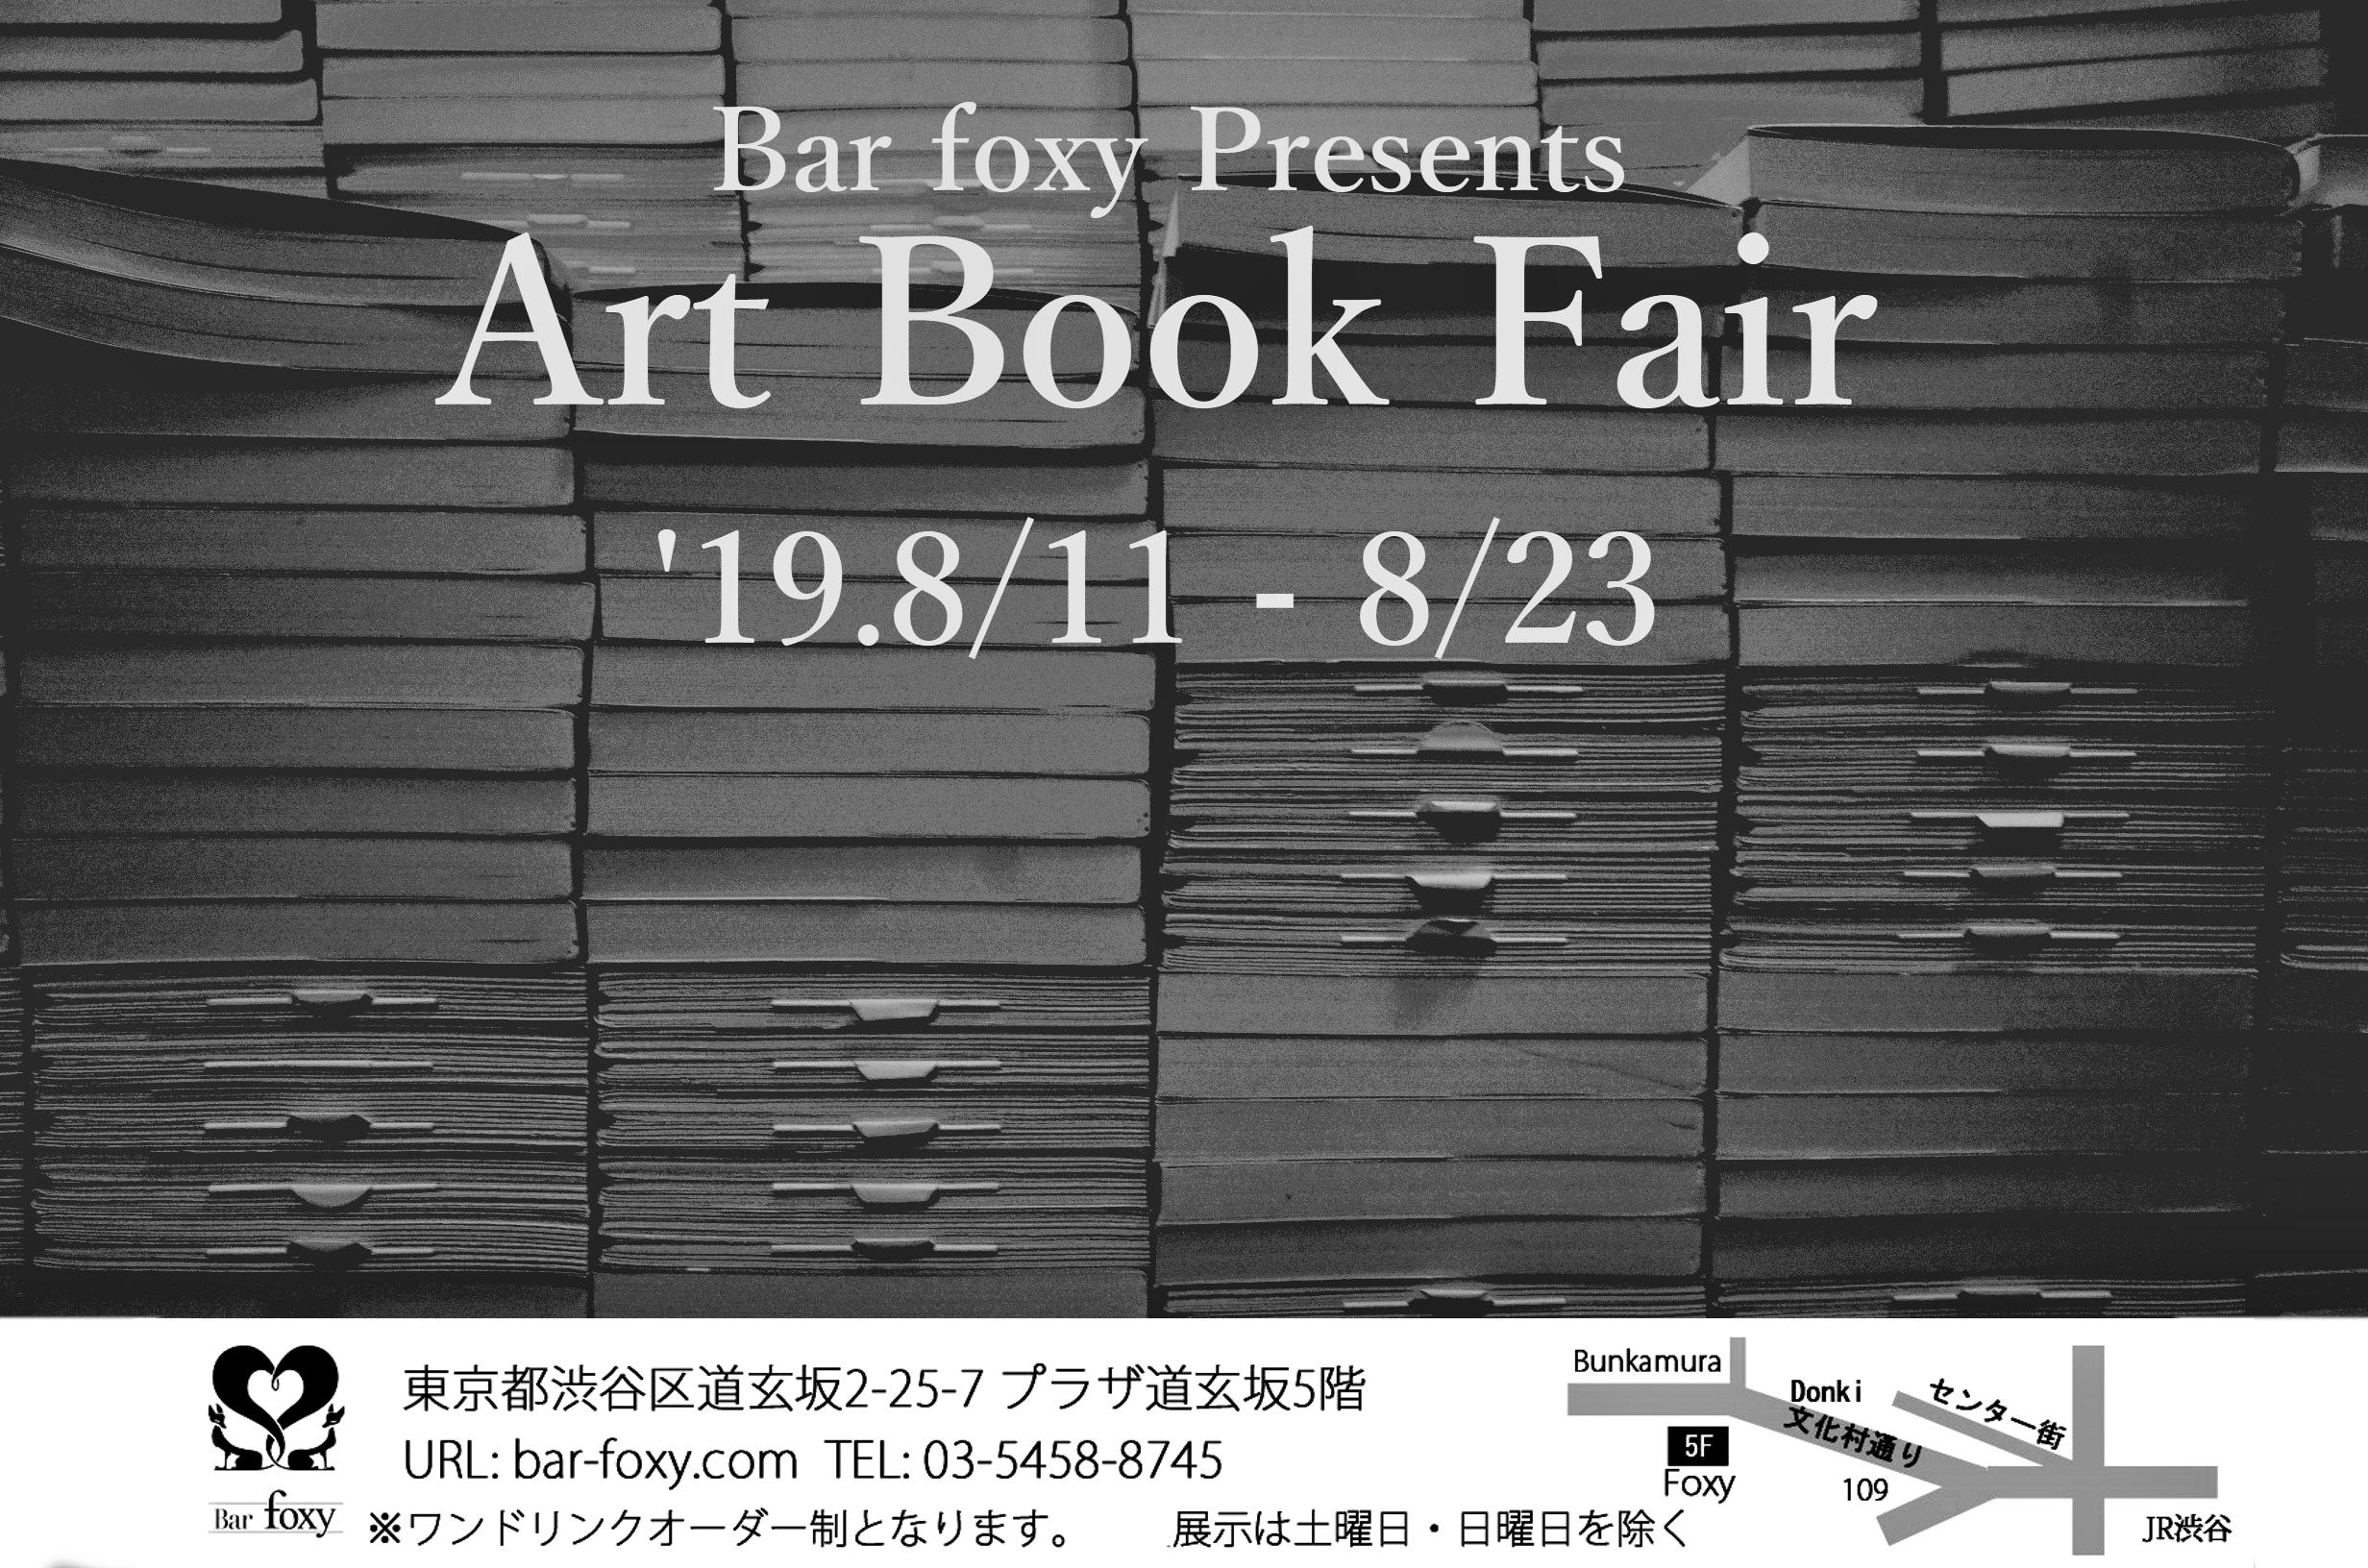 art book fair